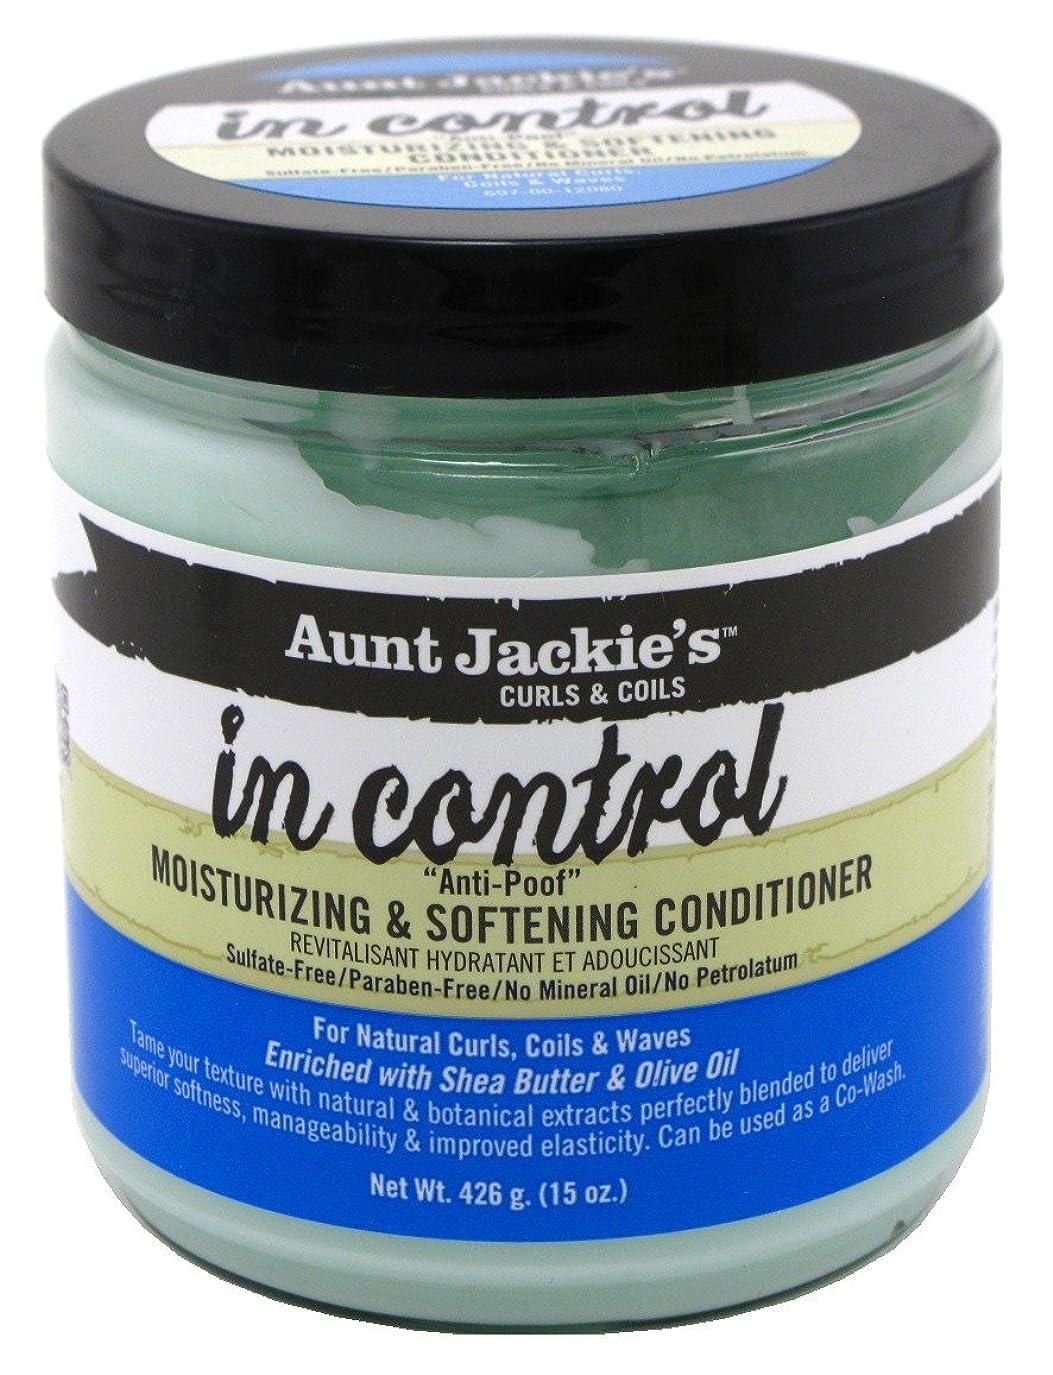 トチの実の木議会安心Aunt Jackie's コントロールモイスチャライジング&軟化コンディショナー15オンスのジャー(443Ml)(3パック)で叔母Jackies